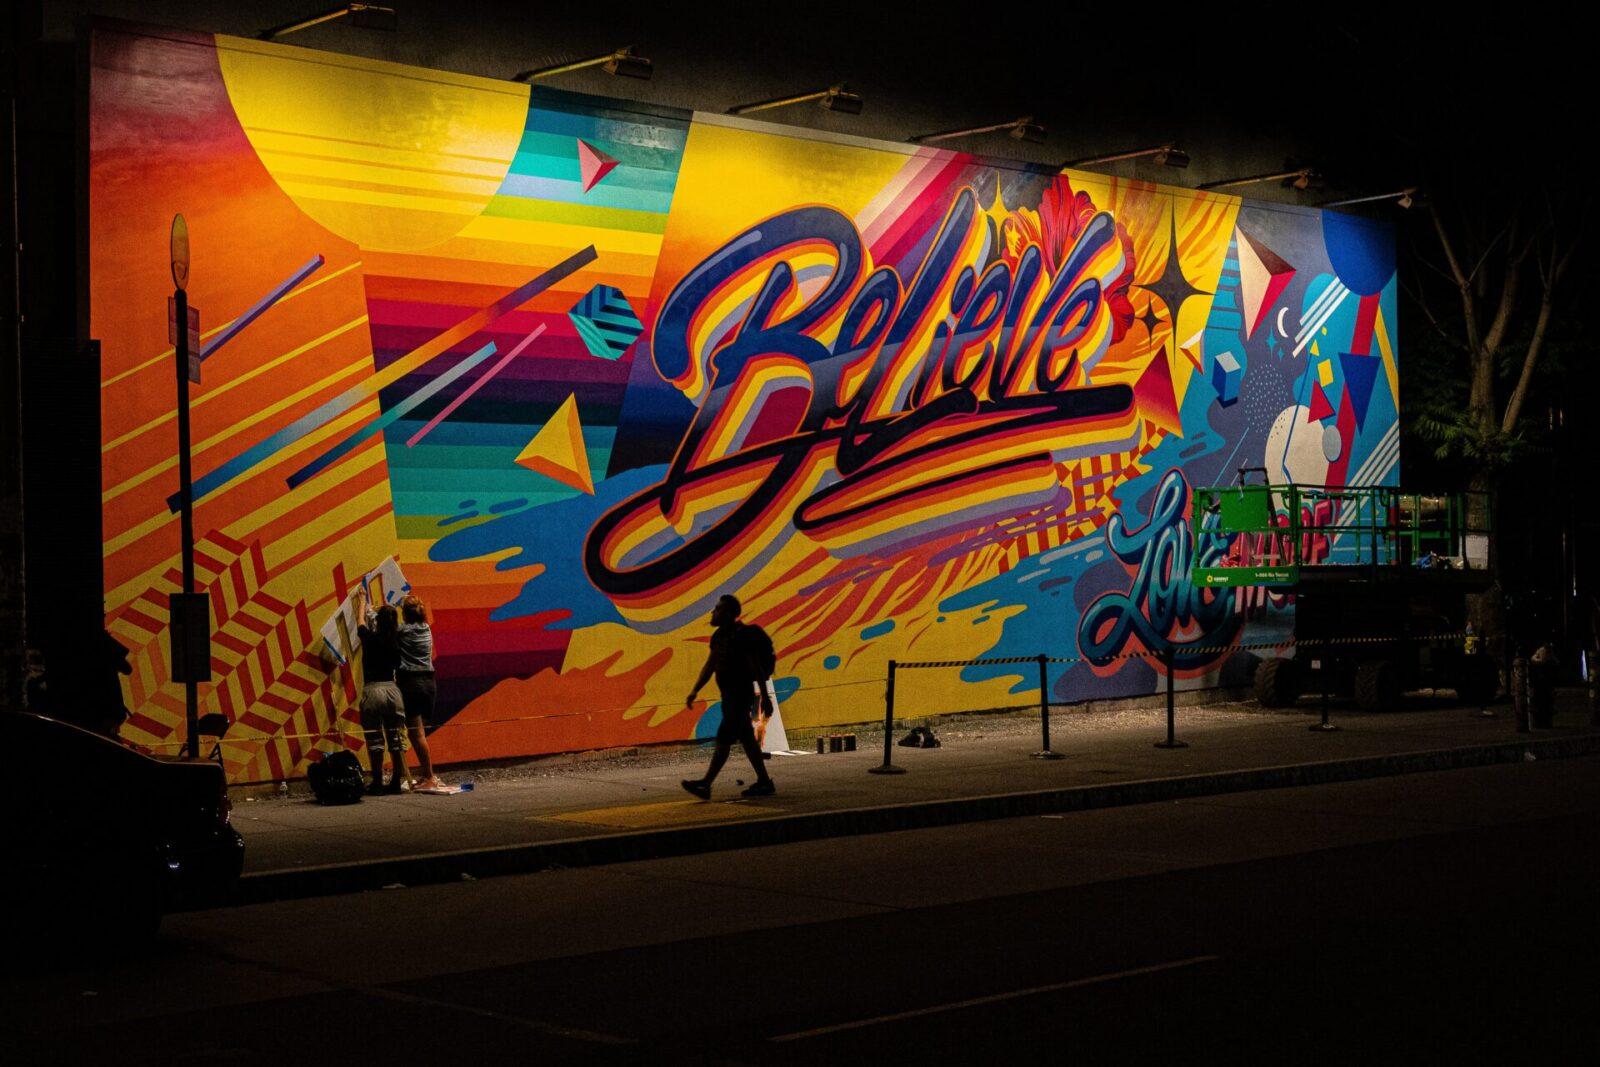 Believe mural painting